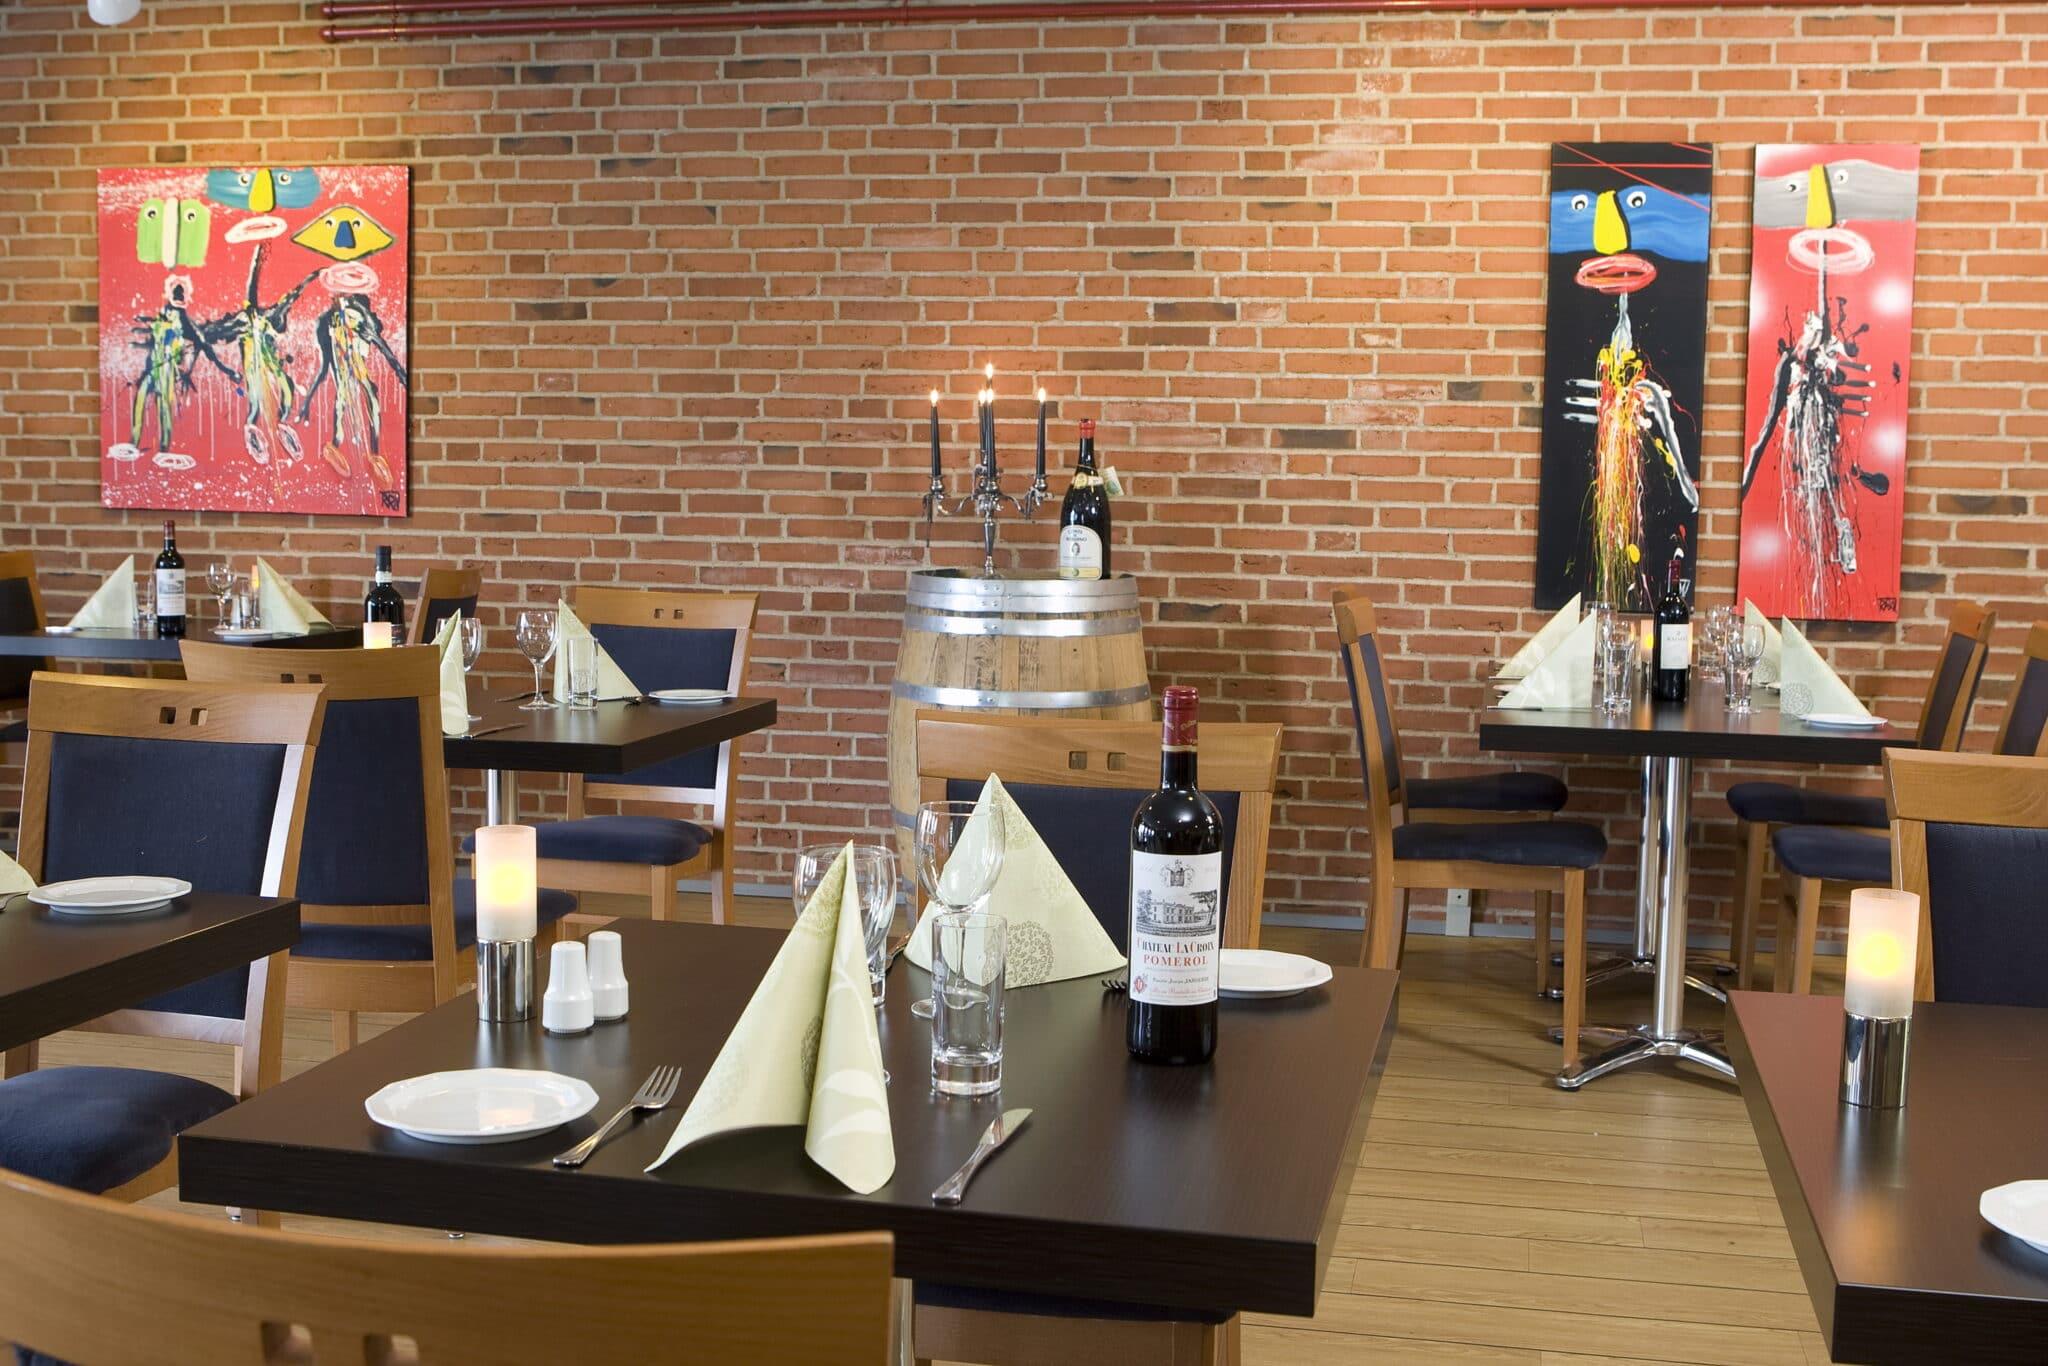 Restaurant og overnatning i Horsens